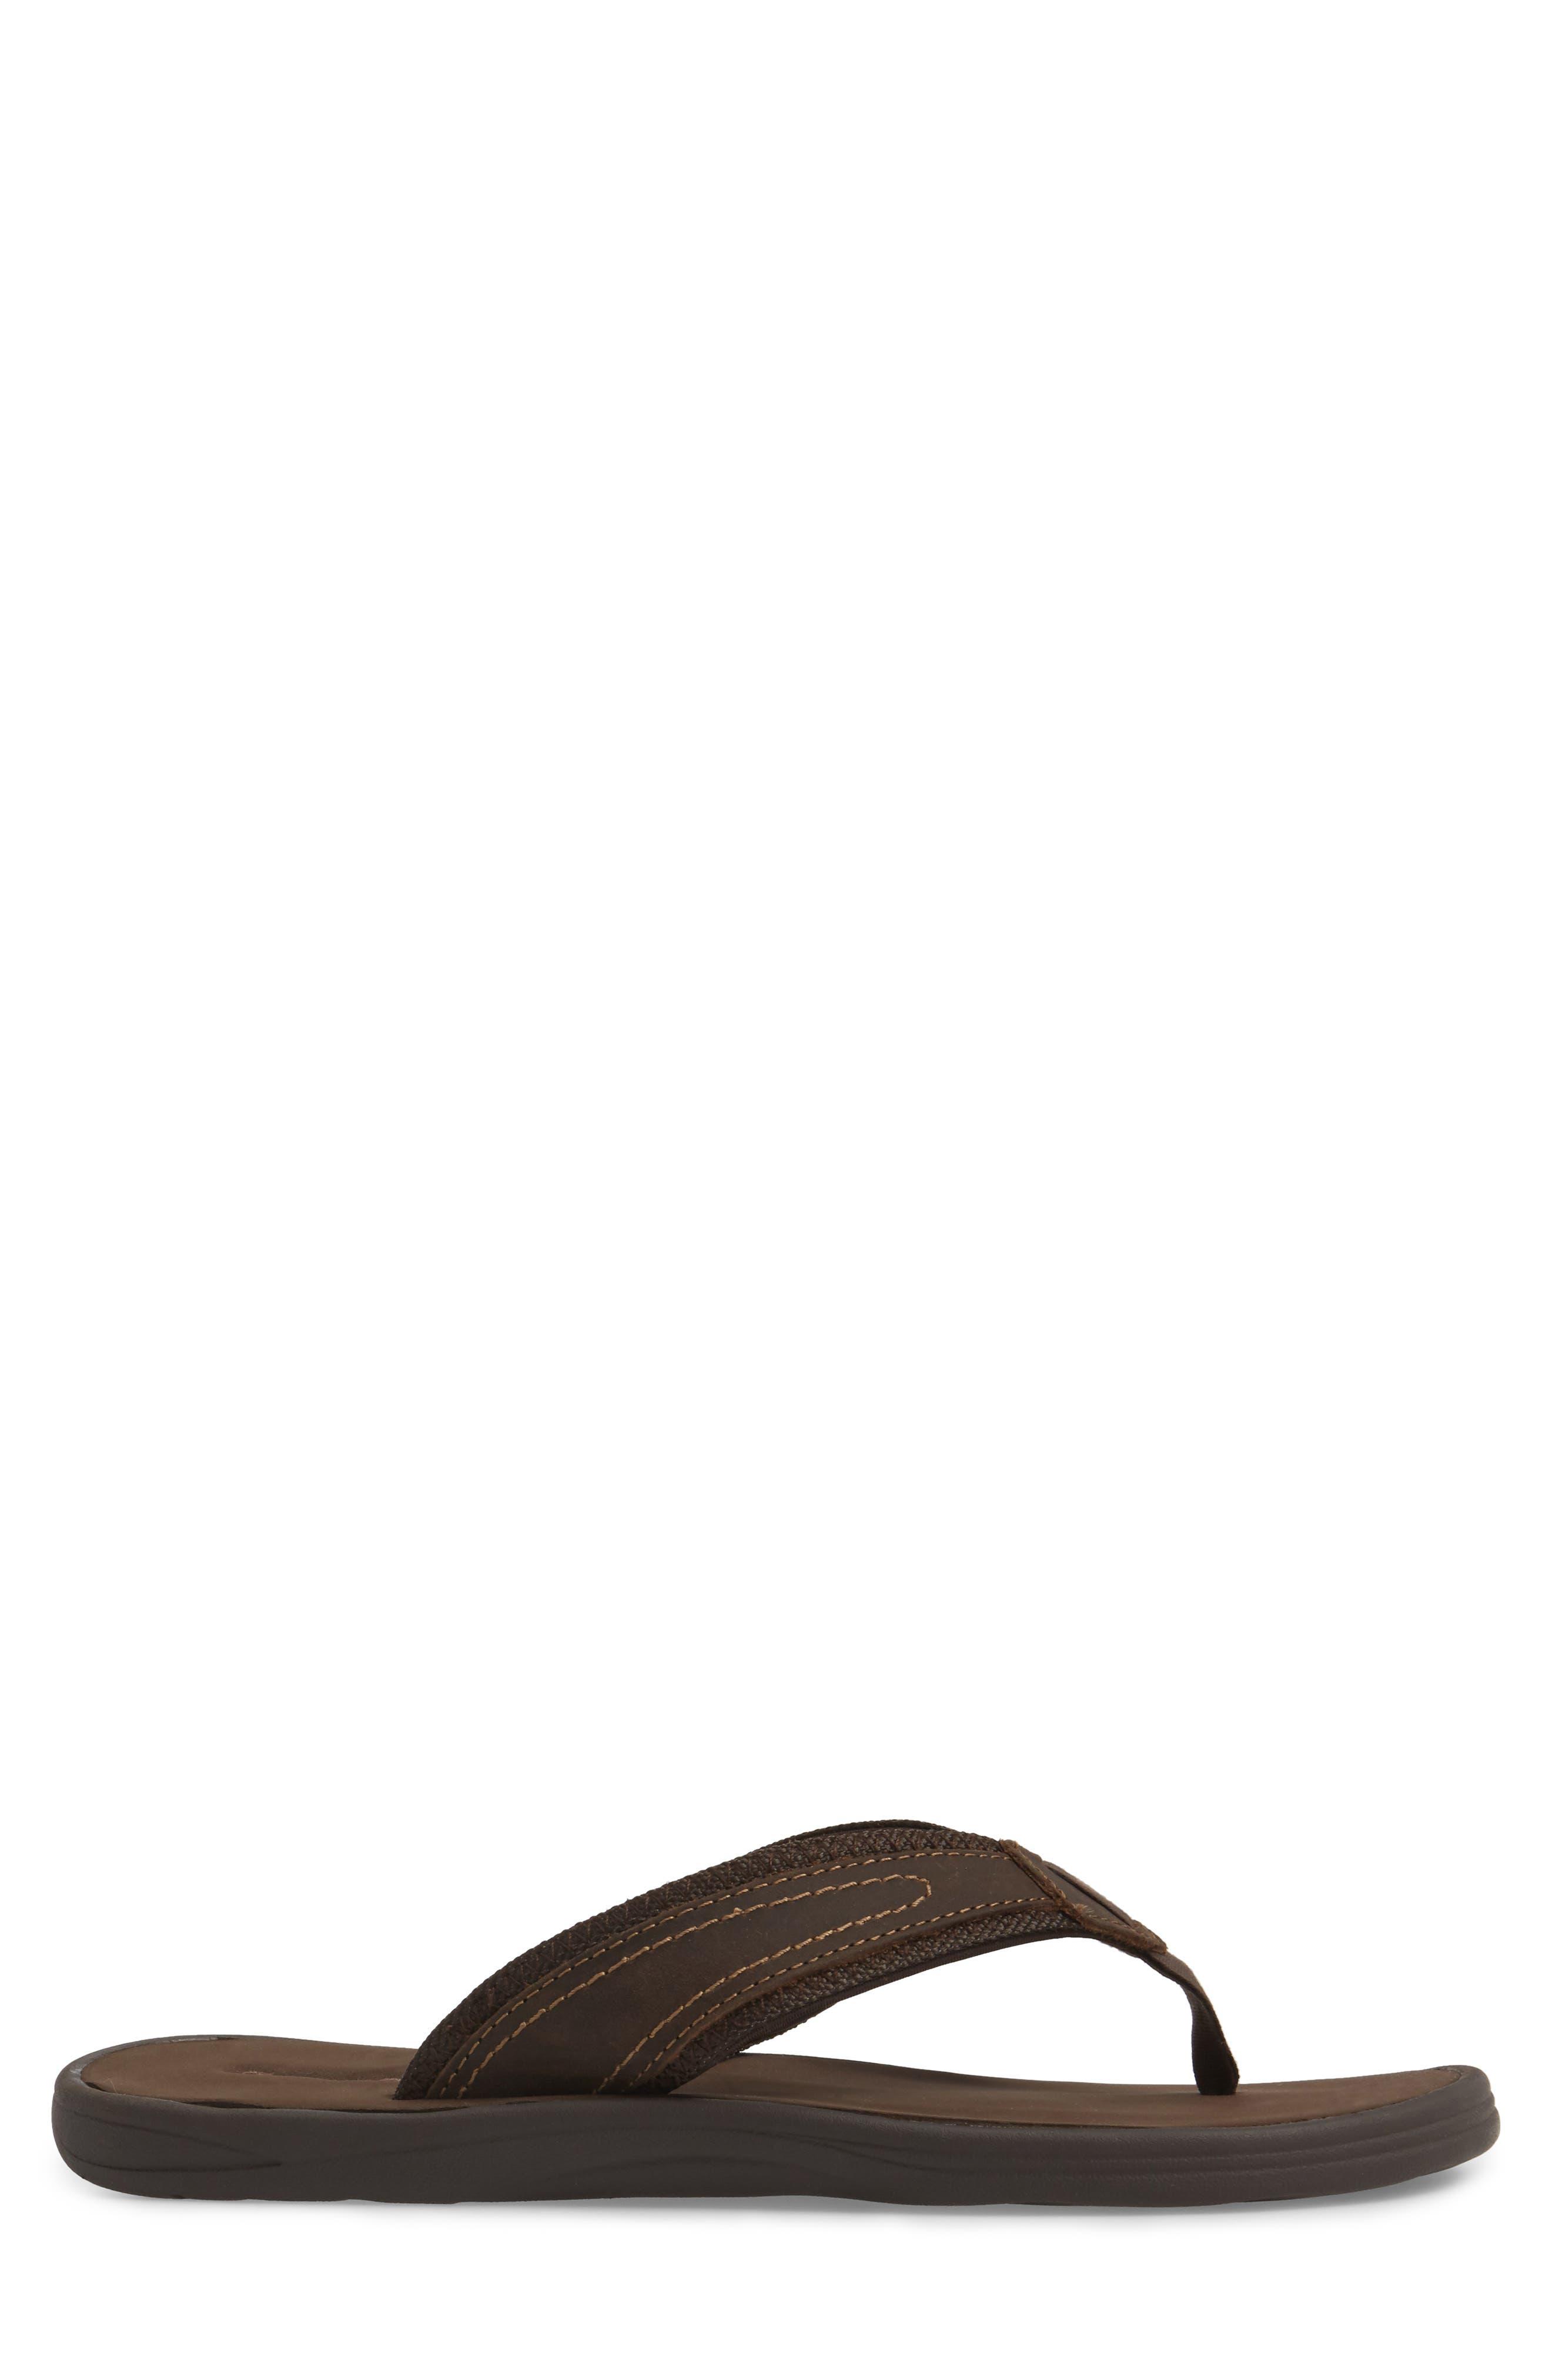 Alternate Image 3  - Tommy Bahama Seawell Flip Flop (Men)